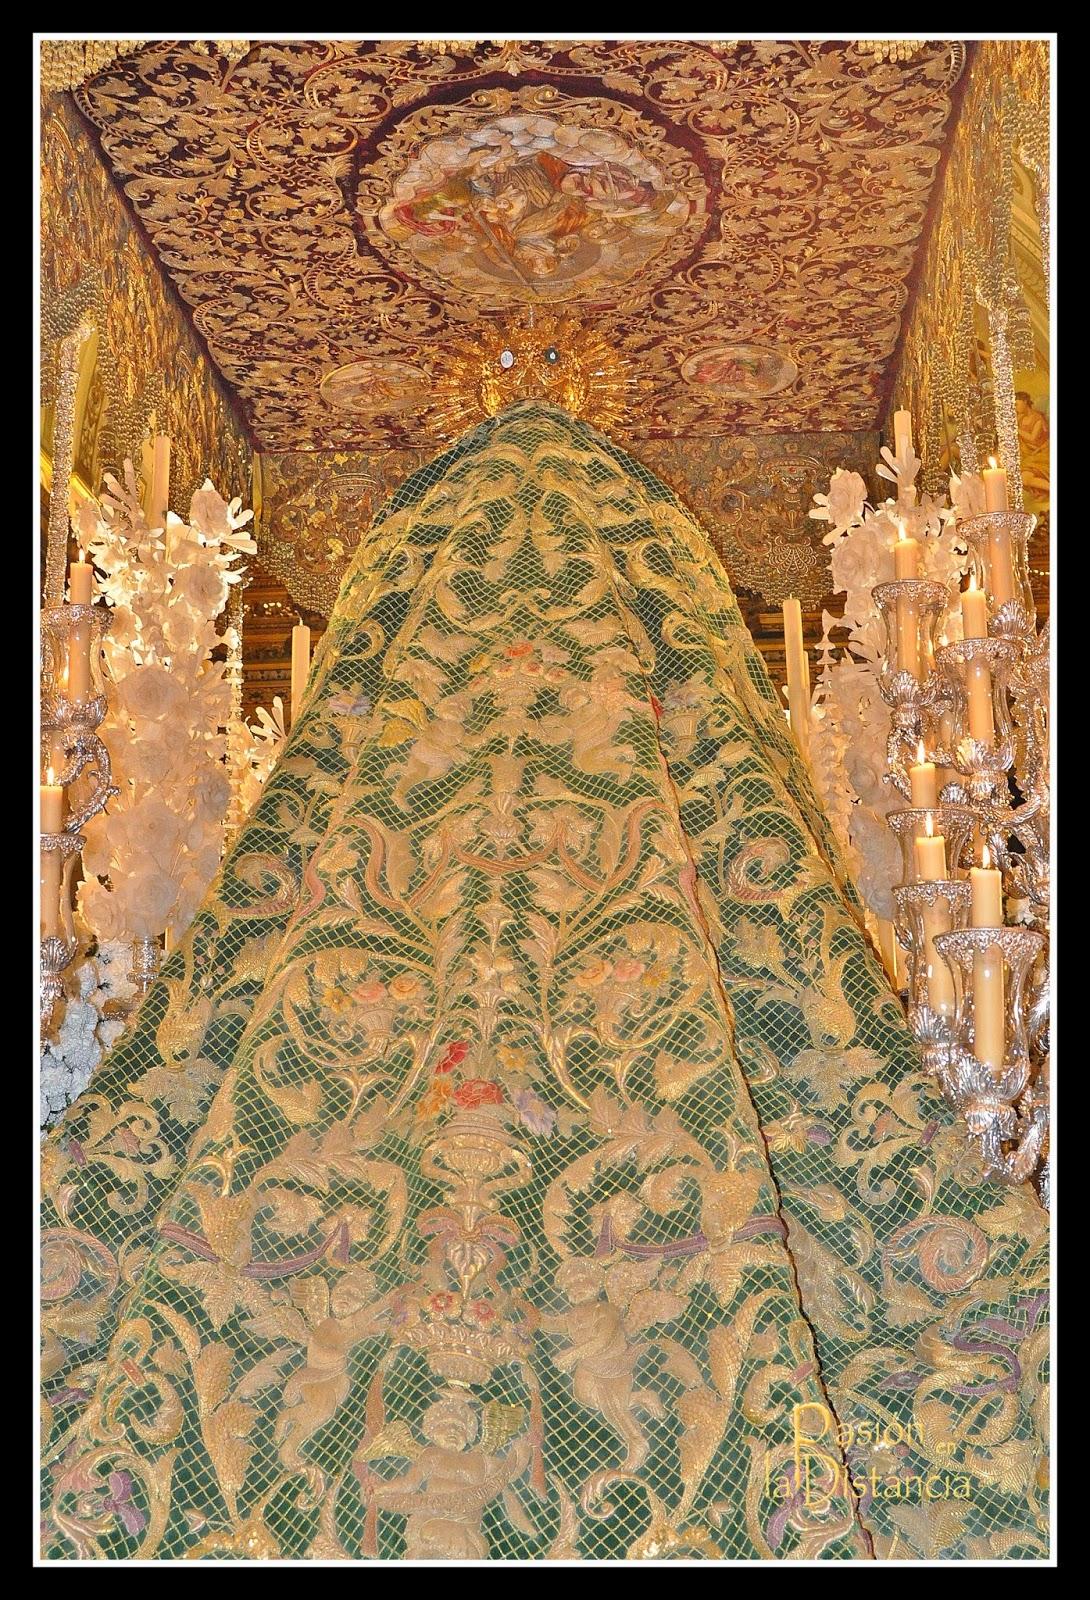 Mantos 50 Aniversario Coronación Macarena, sevilla mayo 2014